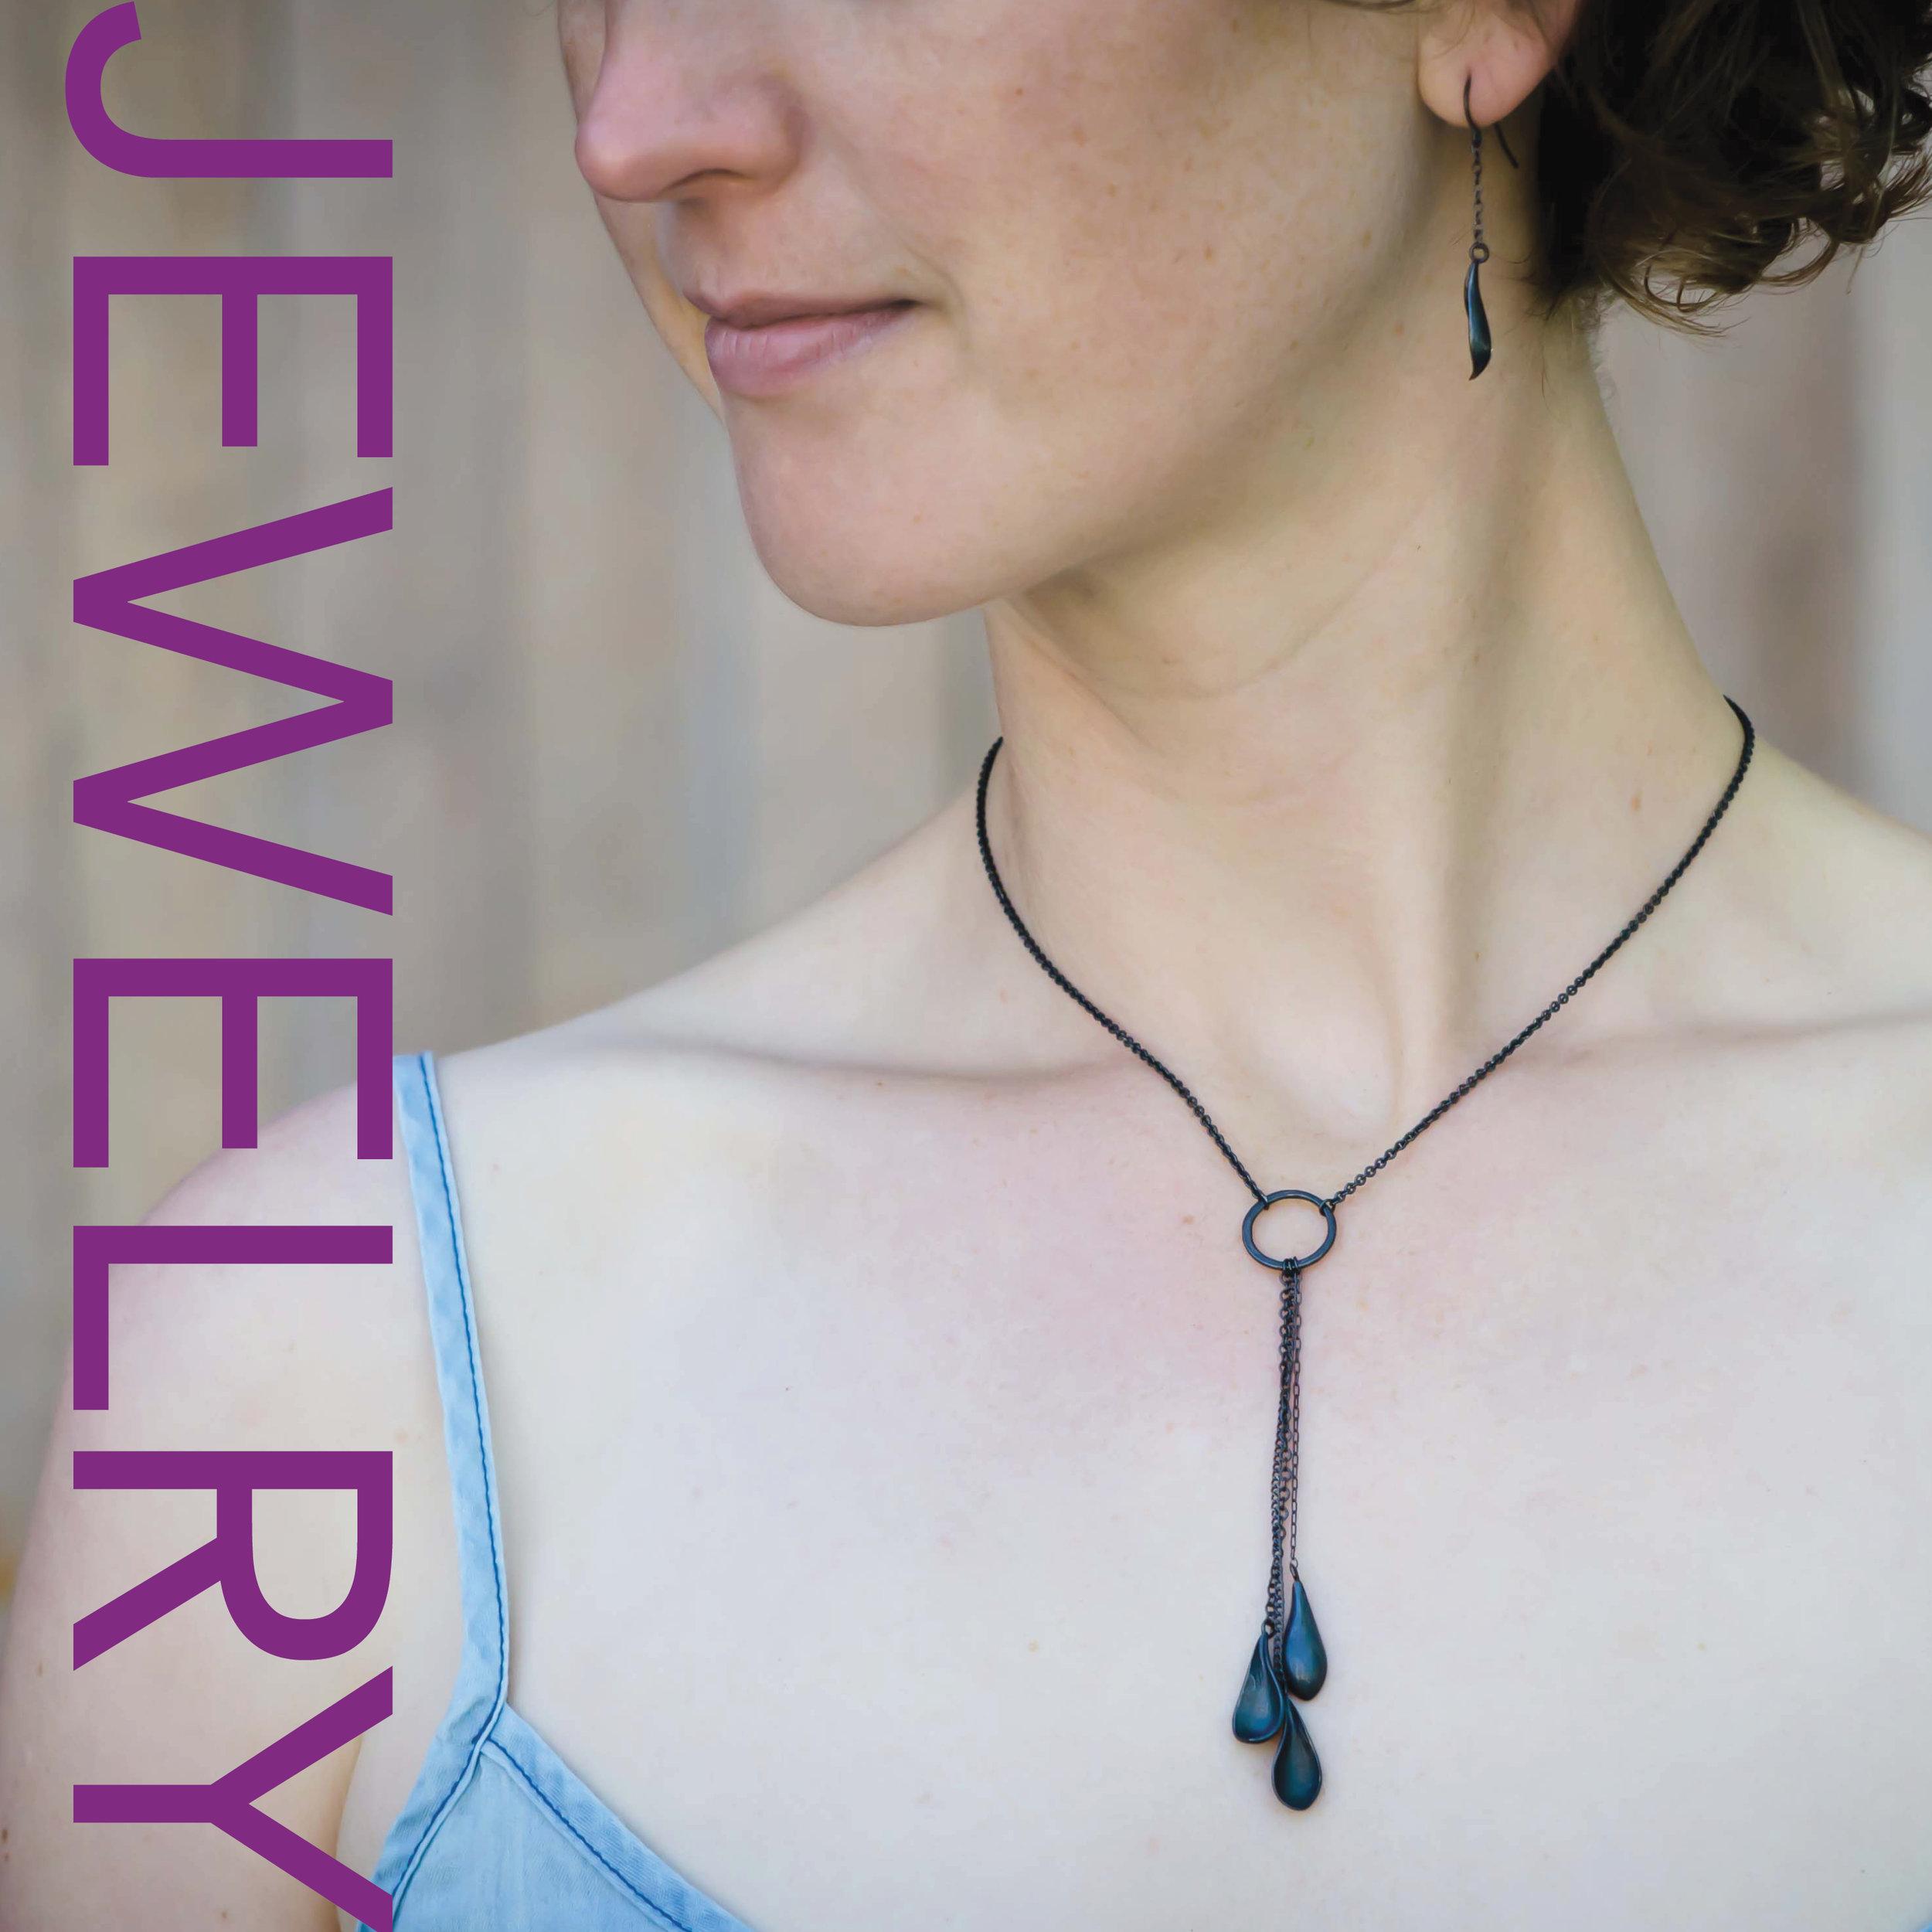 CG-Jewelry.jpg